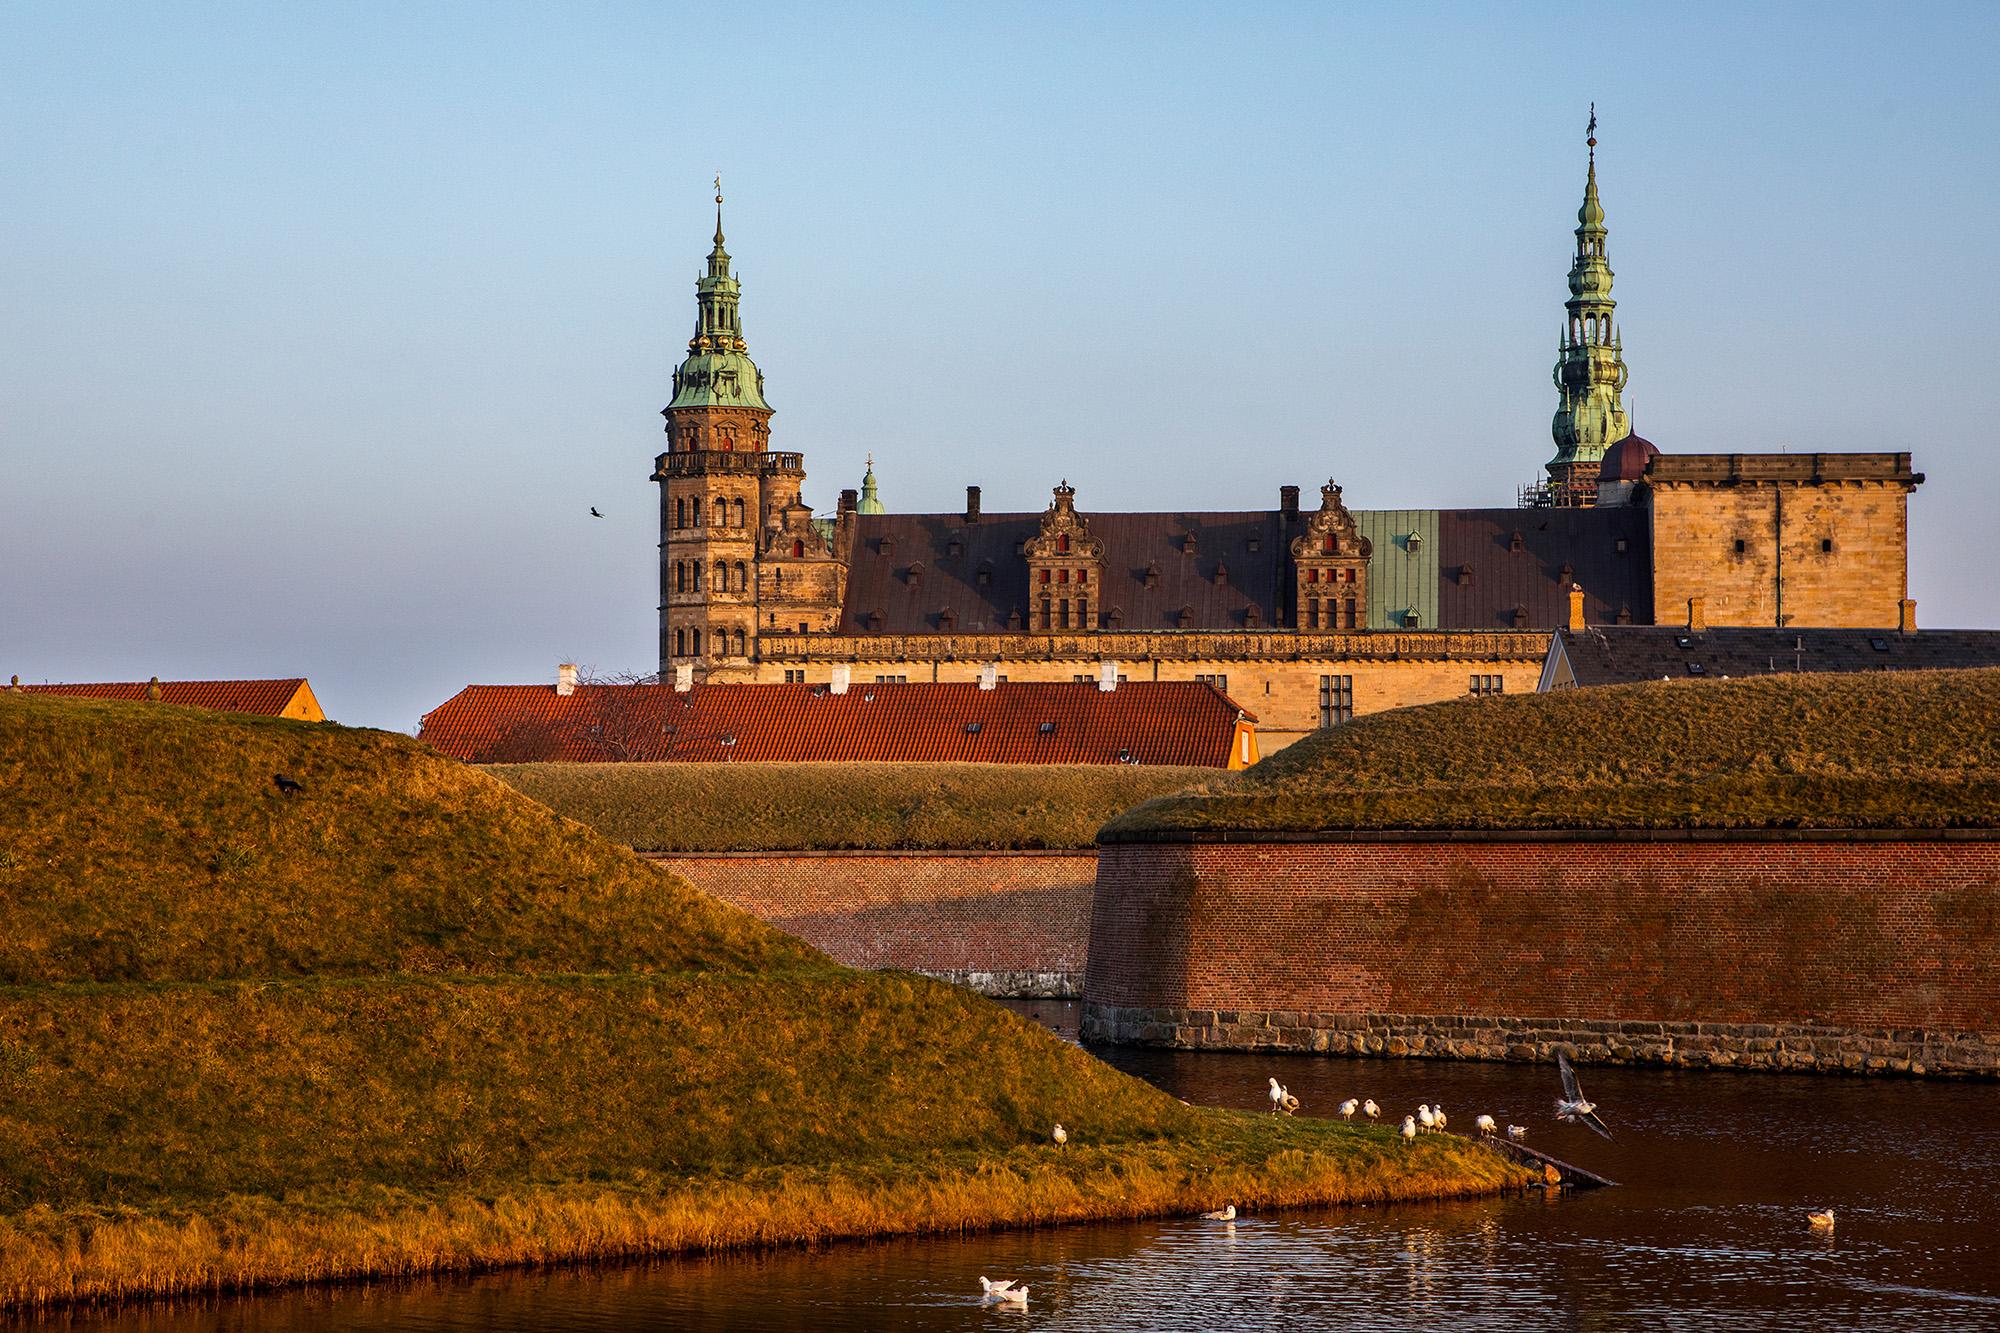 Kronborg,Hamlet's castle. Helsingør, Denmark. 2017